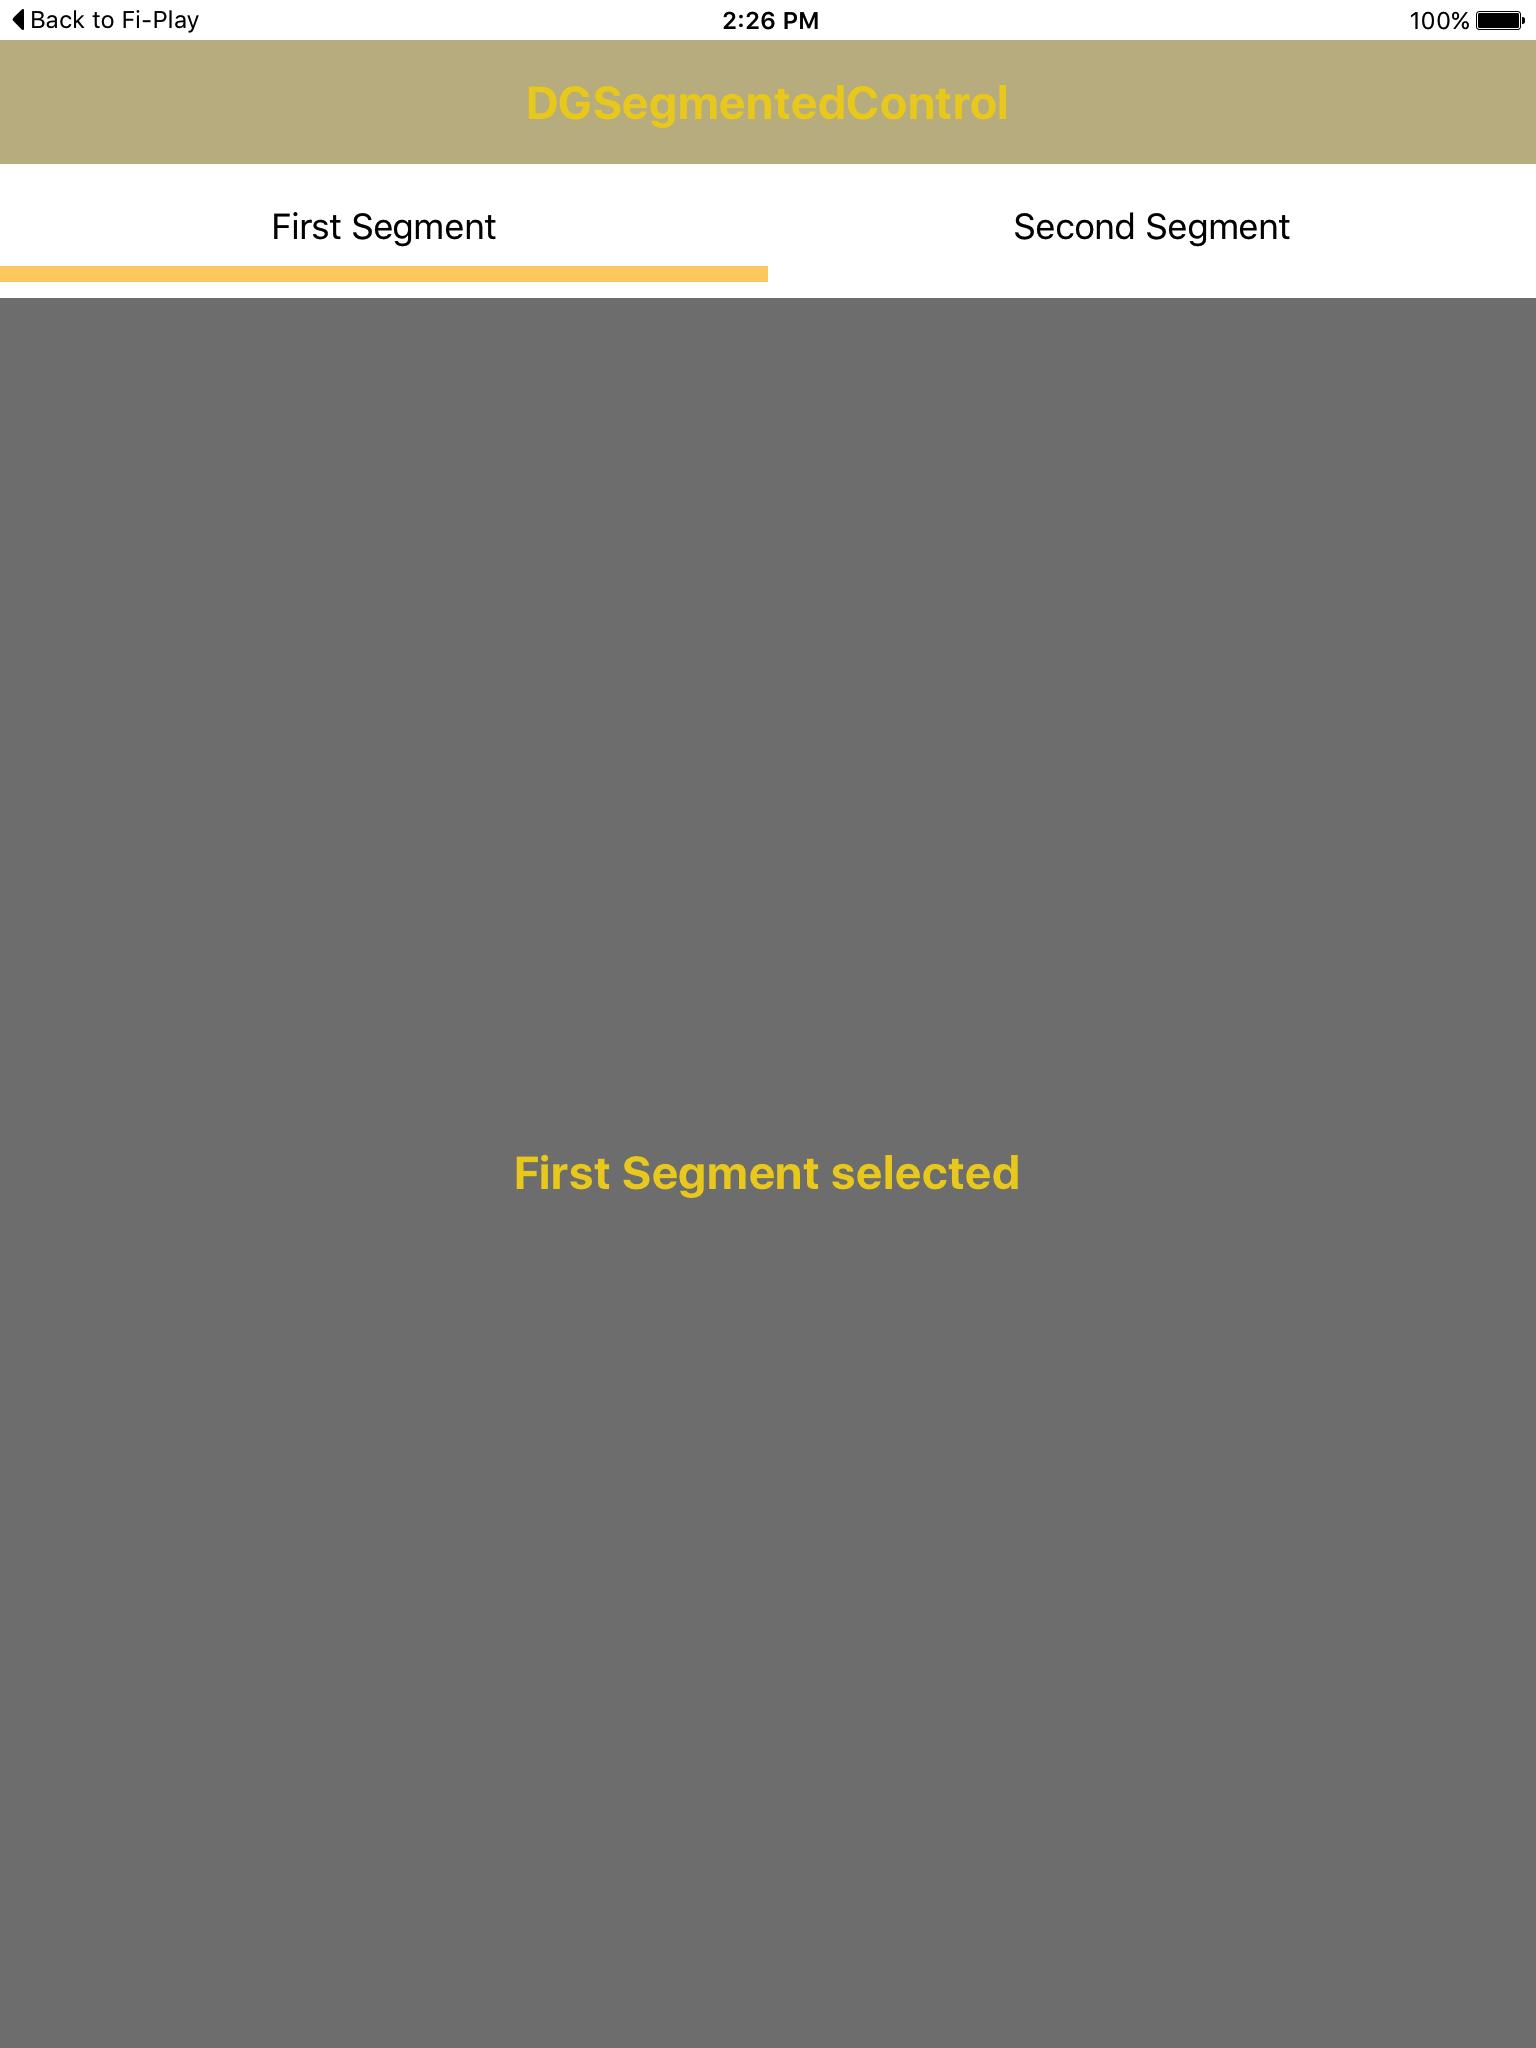 DGSegmentedControl screenshot